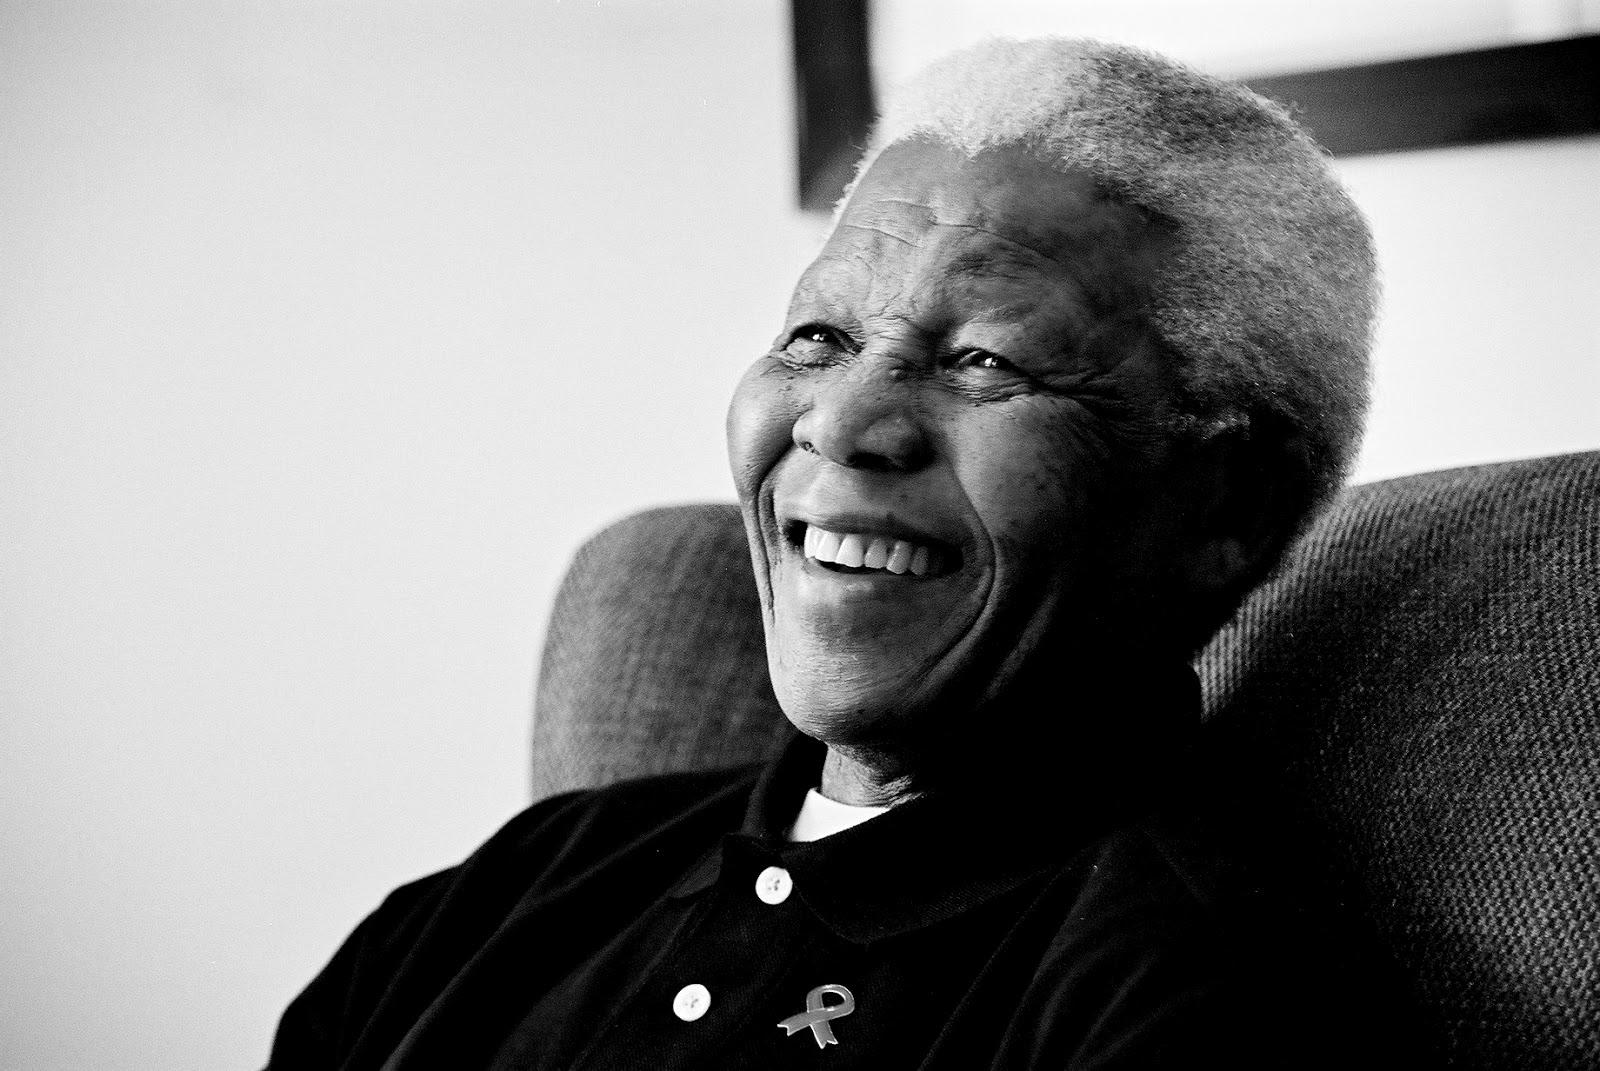 http://3.bp.blogspot.com/-Ub0Qhn7syjY/UbuuZkSsf0I/AAAAAAAATiU/Dd0vbp6mCCY/s1600/Photos-Nelson-Mandela-Wallpaper-HD.jpg